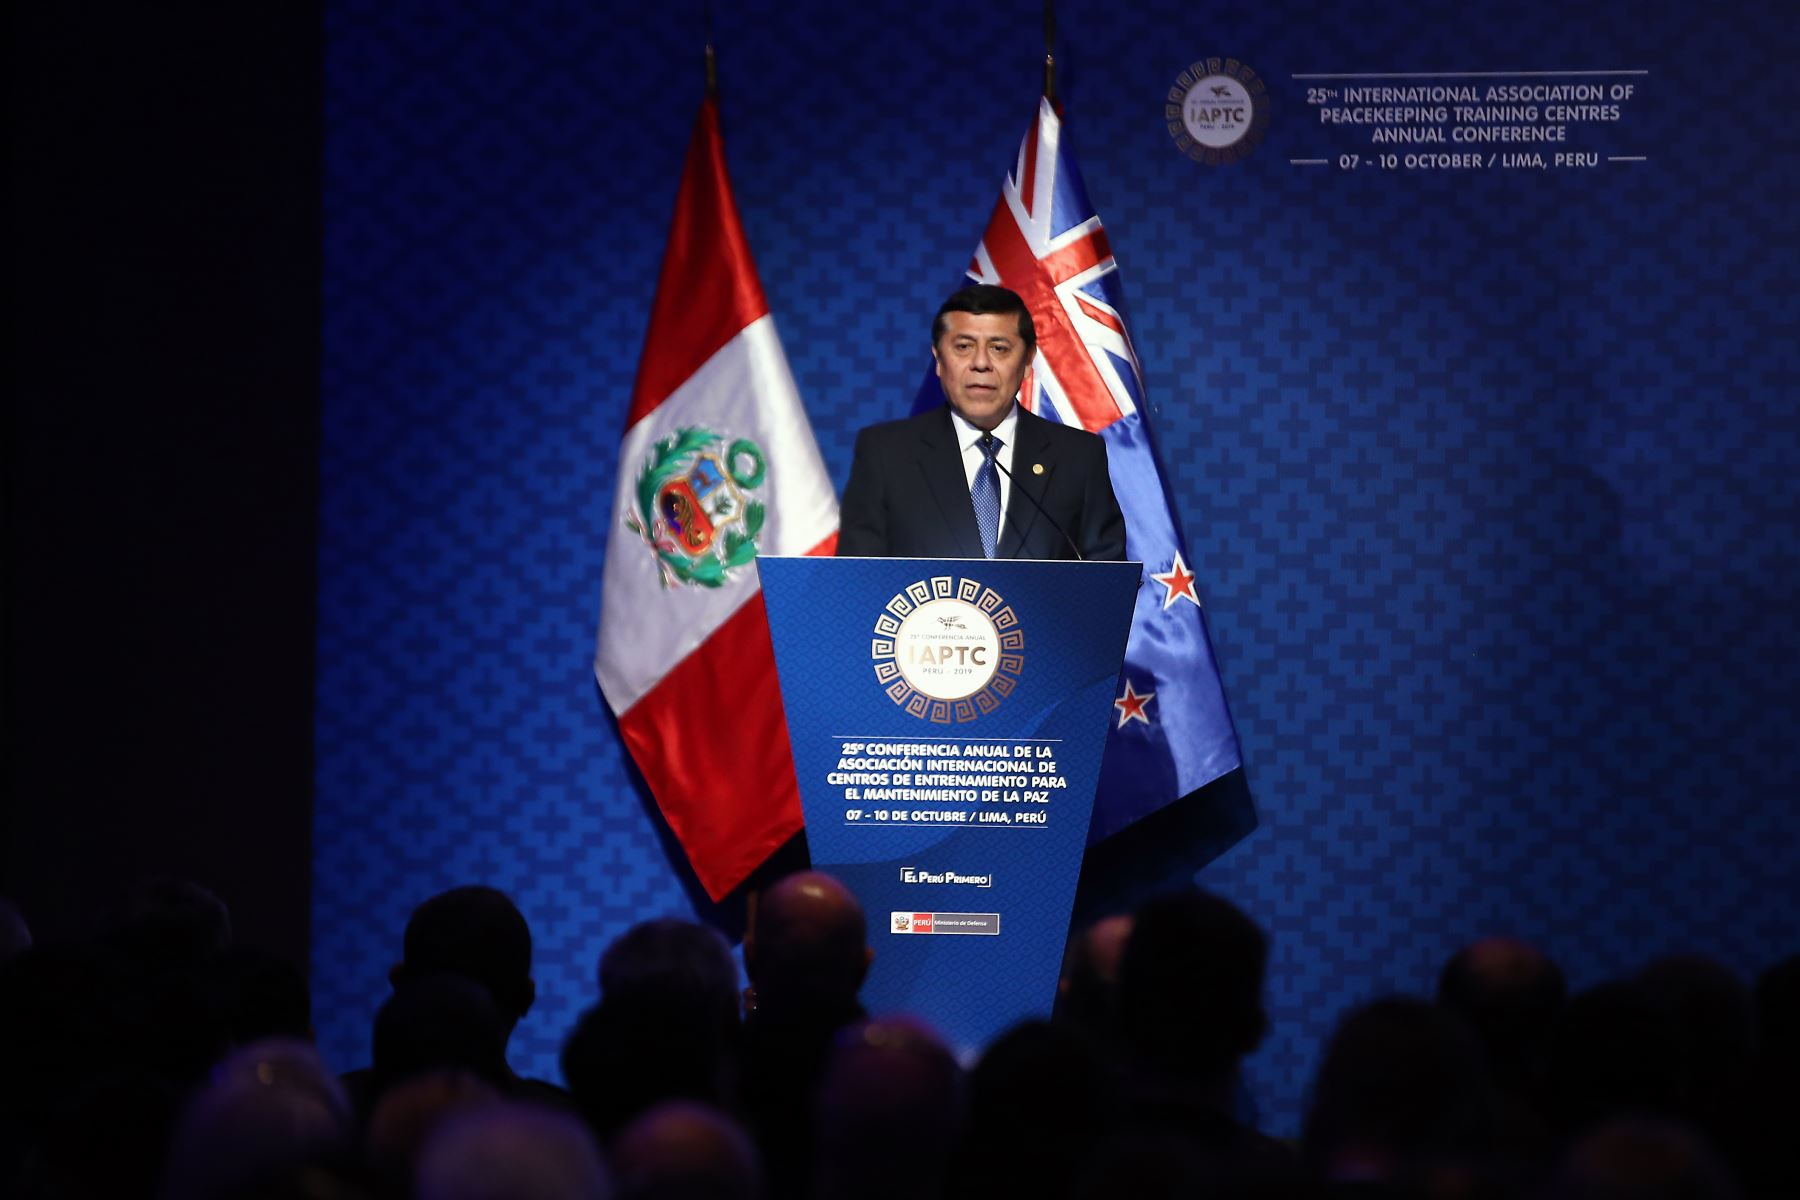 Hernán Flores Ayala, viceministro de políticas de IAPTC, participa de l la 25° Conferencia Anual de la Asociación Internacional de Centros de Entrenamiento para el Mantenimiento de la Paz -IAPTC Lima 2019. Foto: ANDINA/ Vidal Tarqui